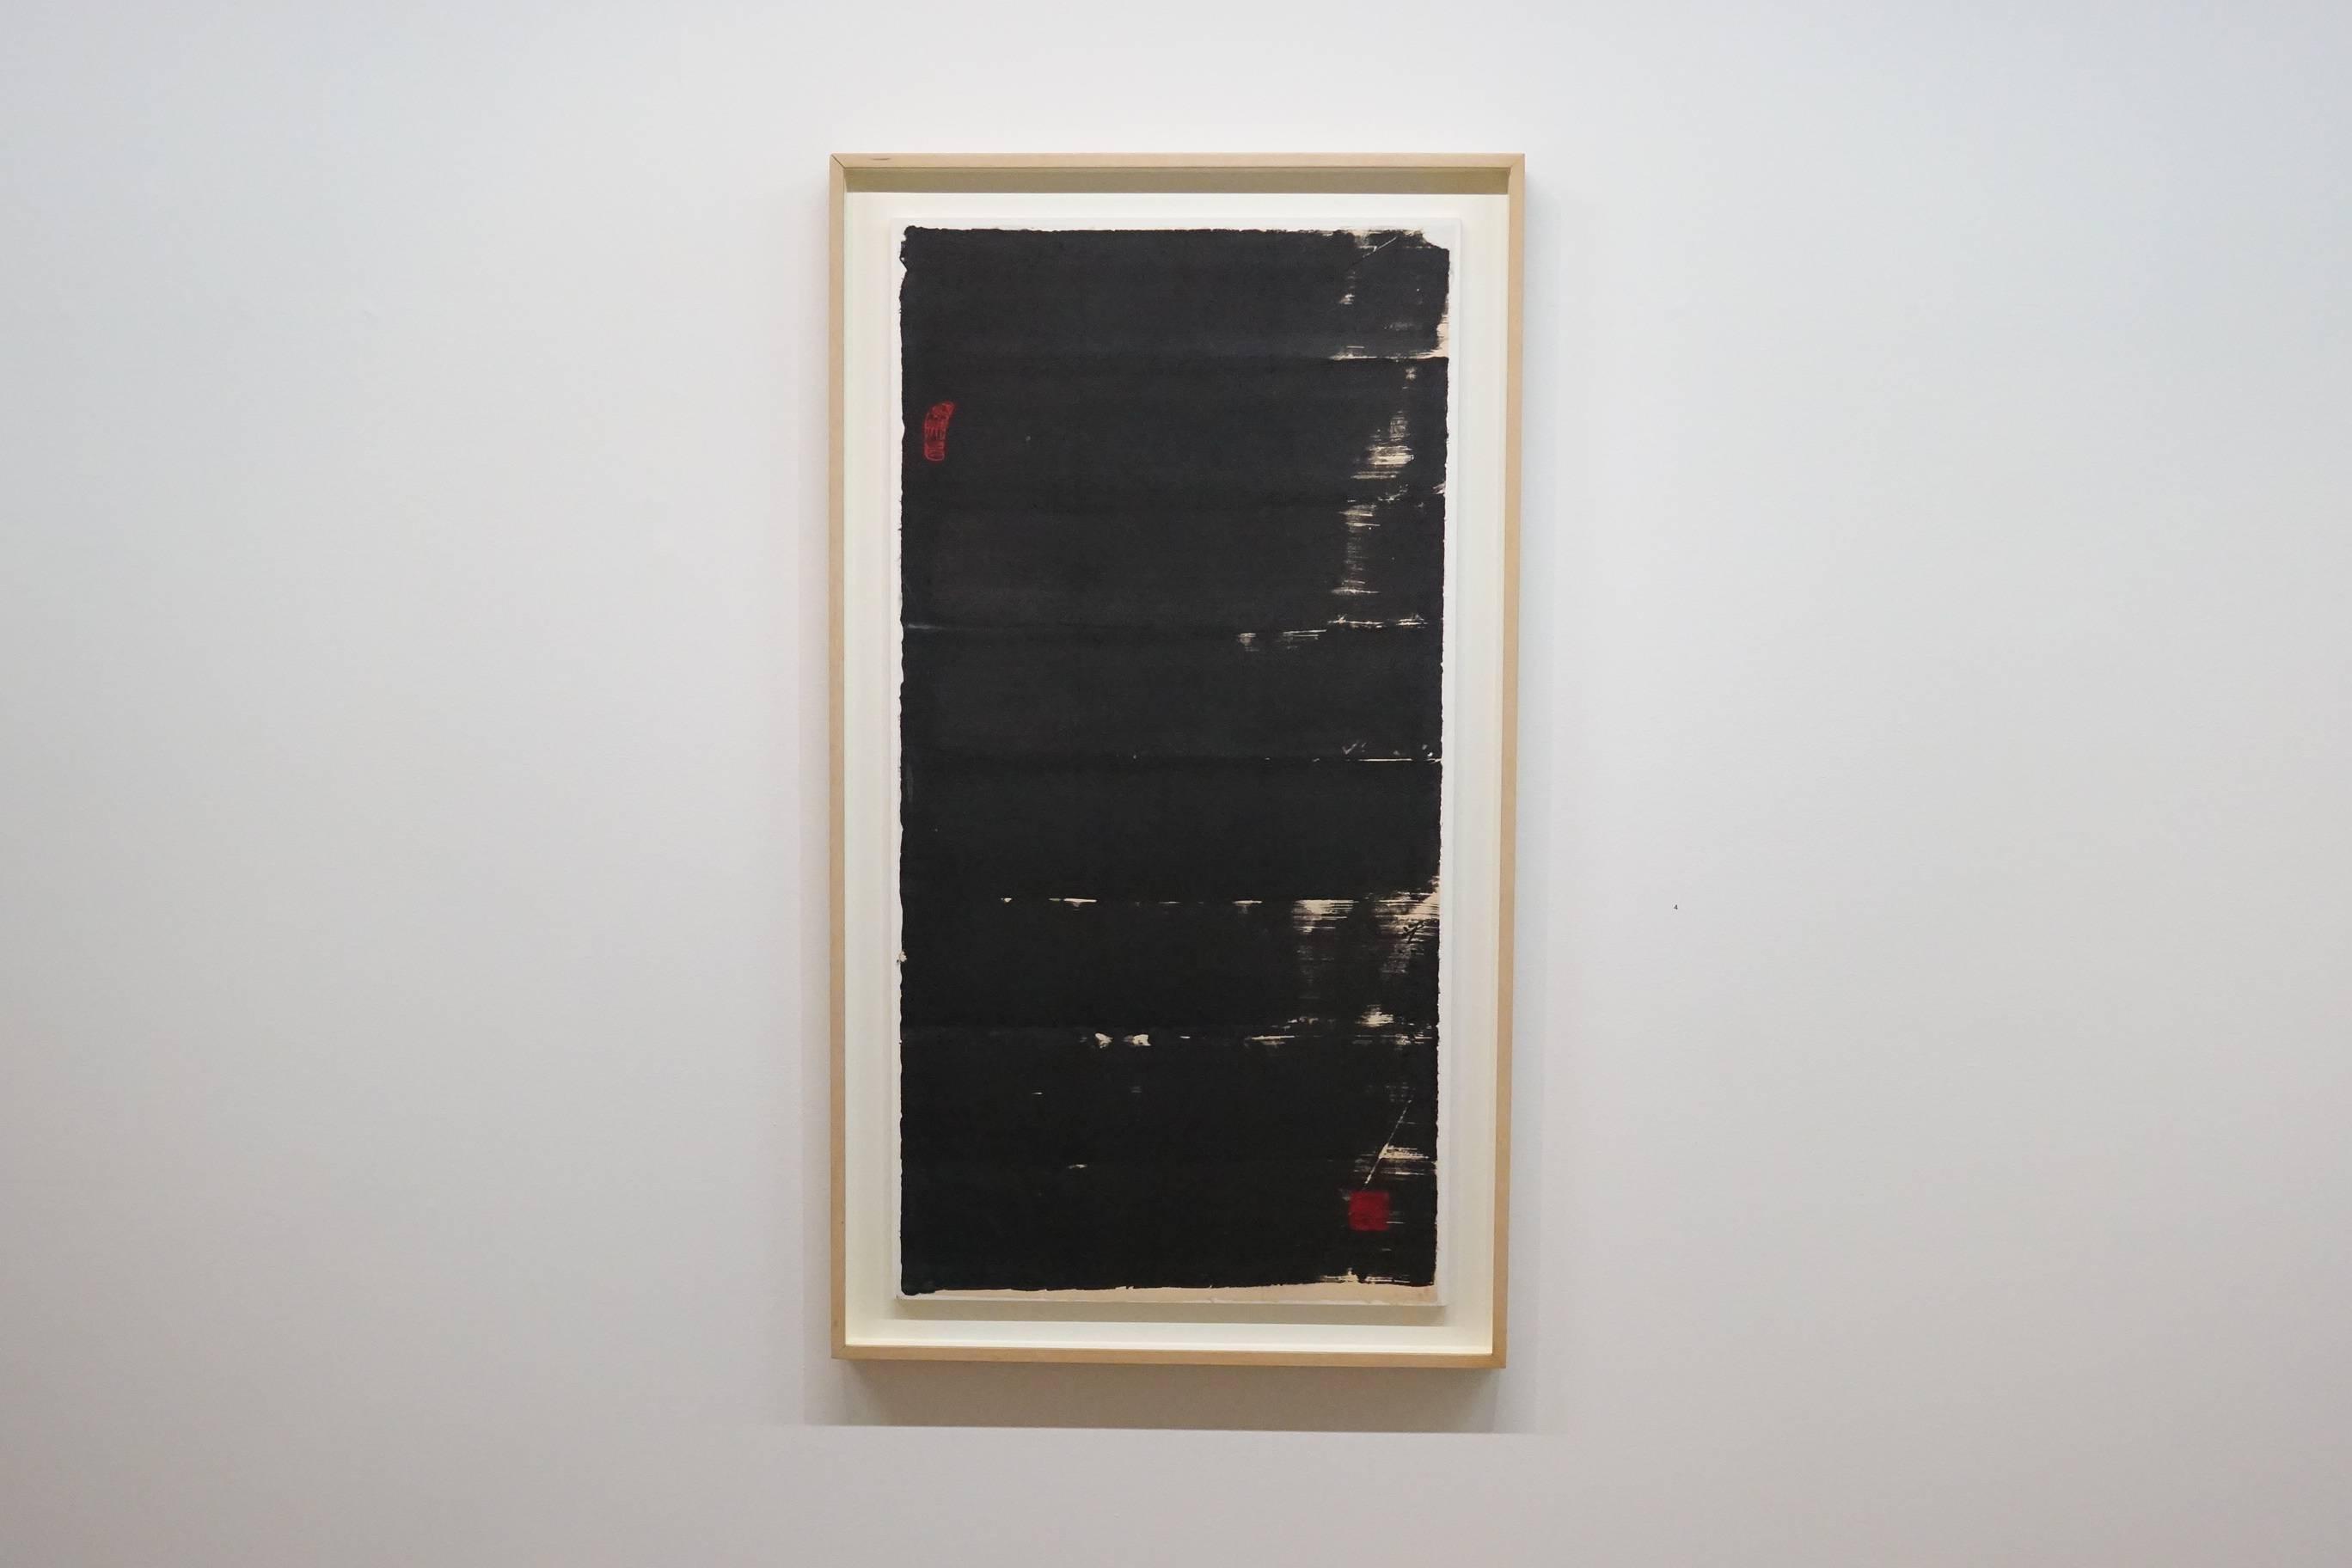 蕭勤,炁-氣之313,1981年。